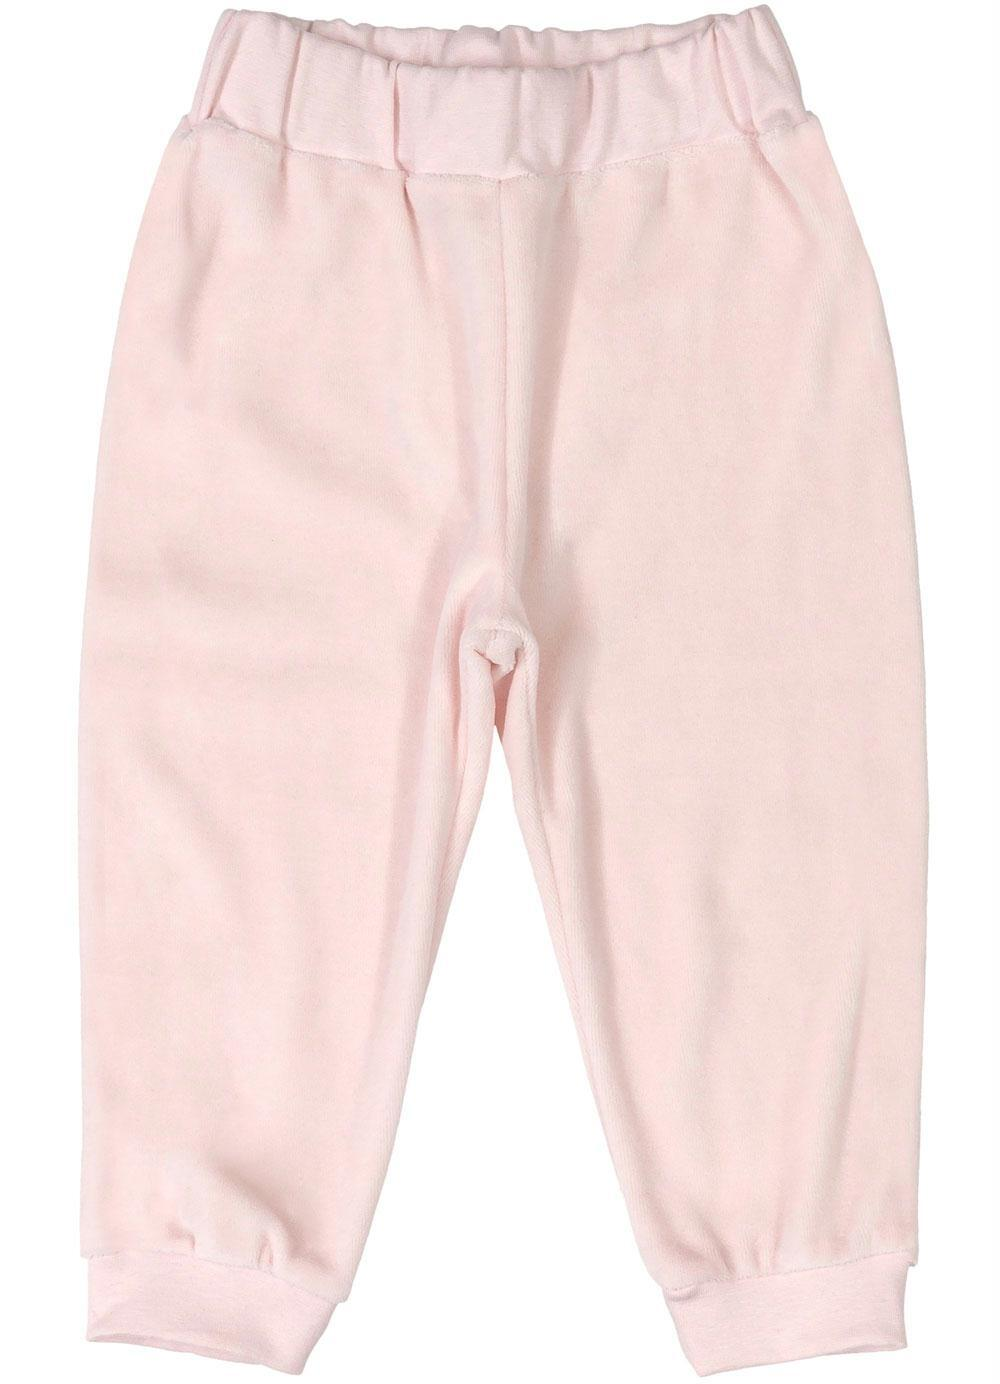 Conjunto Blusão e Calça em Plush 121043058